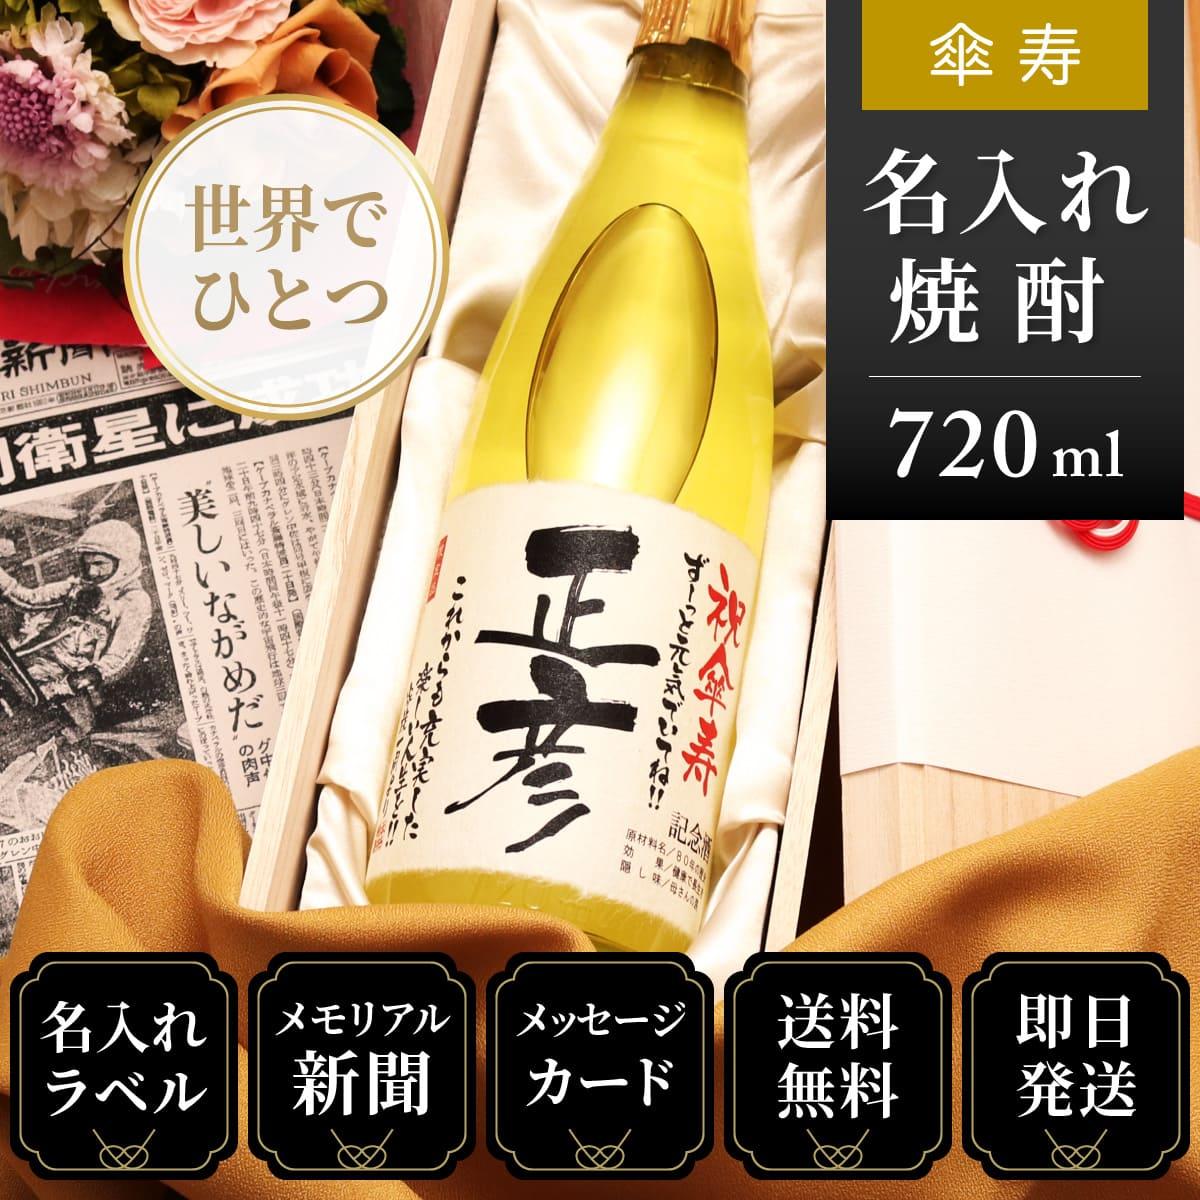 傘寿のプレゼント「華乃雫月」母親向けギフト(酒粕焼酎)